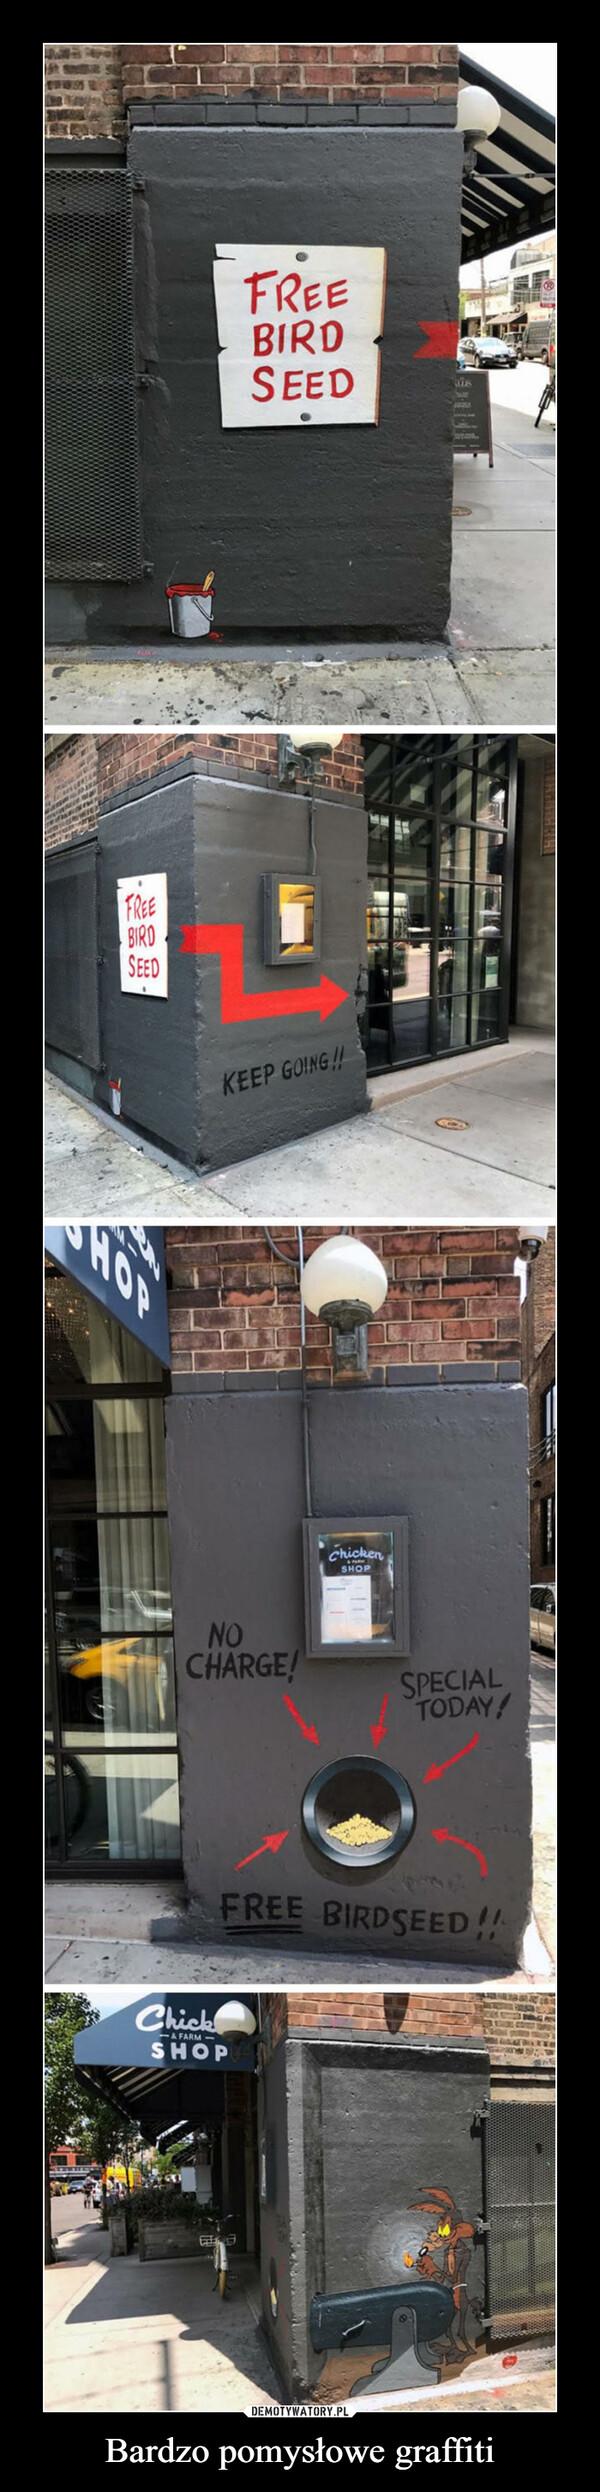 Bardzo pomysłowe graffiti –